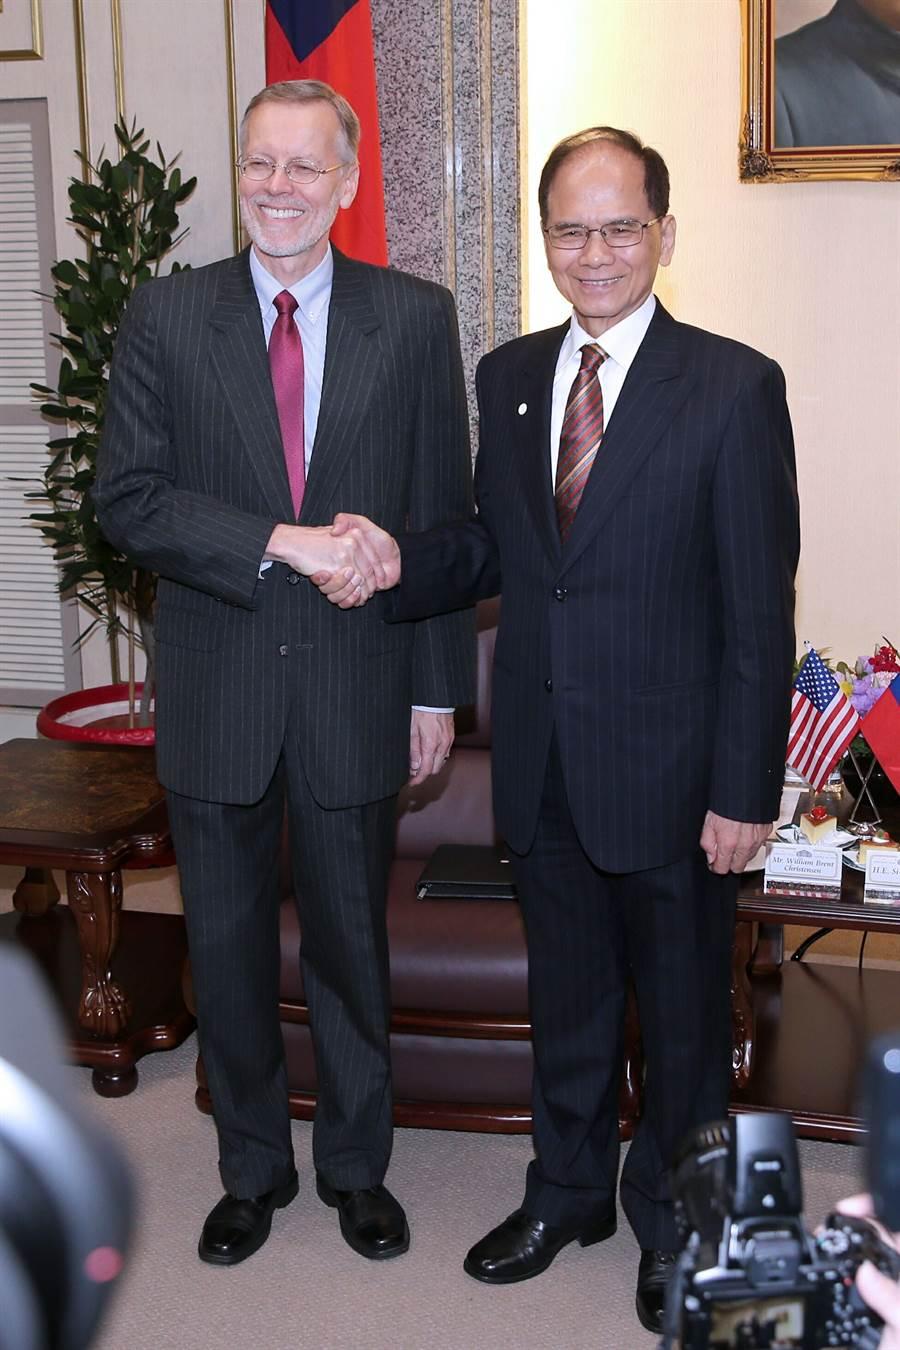 美國在台協會(AIT)處長酈英傑(William Brent Christensen左)13日拜會立法院長游錫(方方土右)。(黃世麒攝)